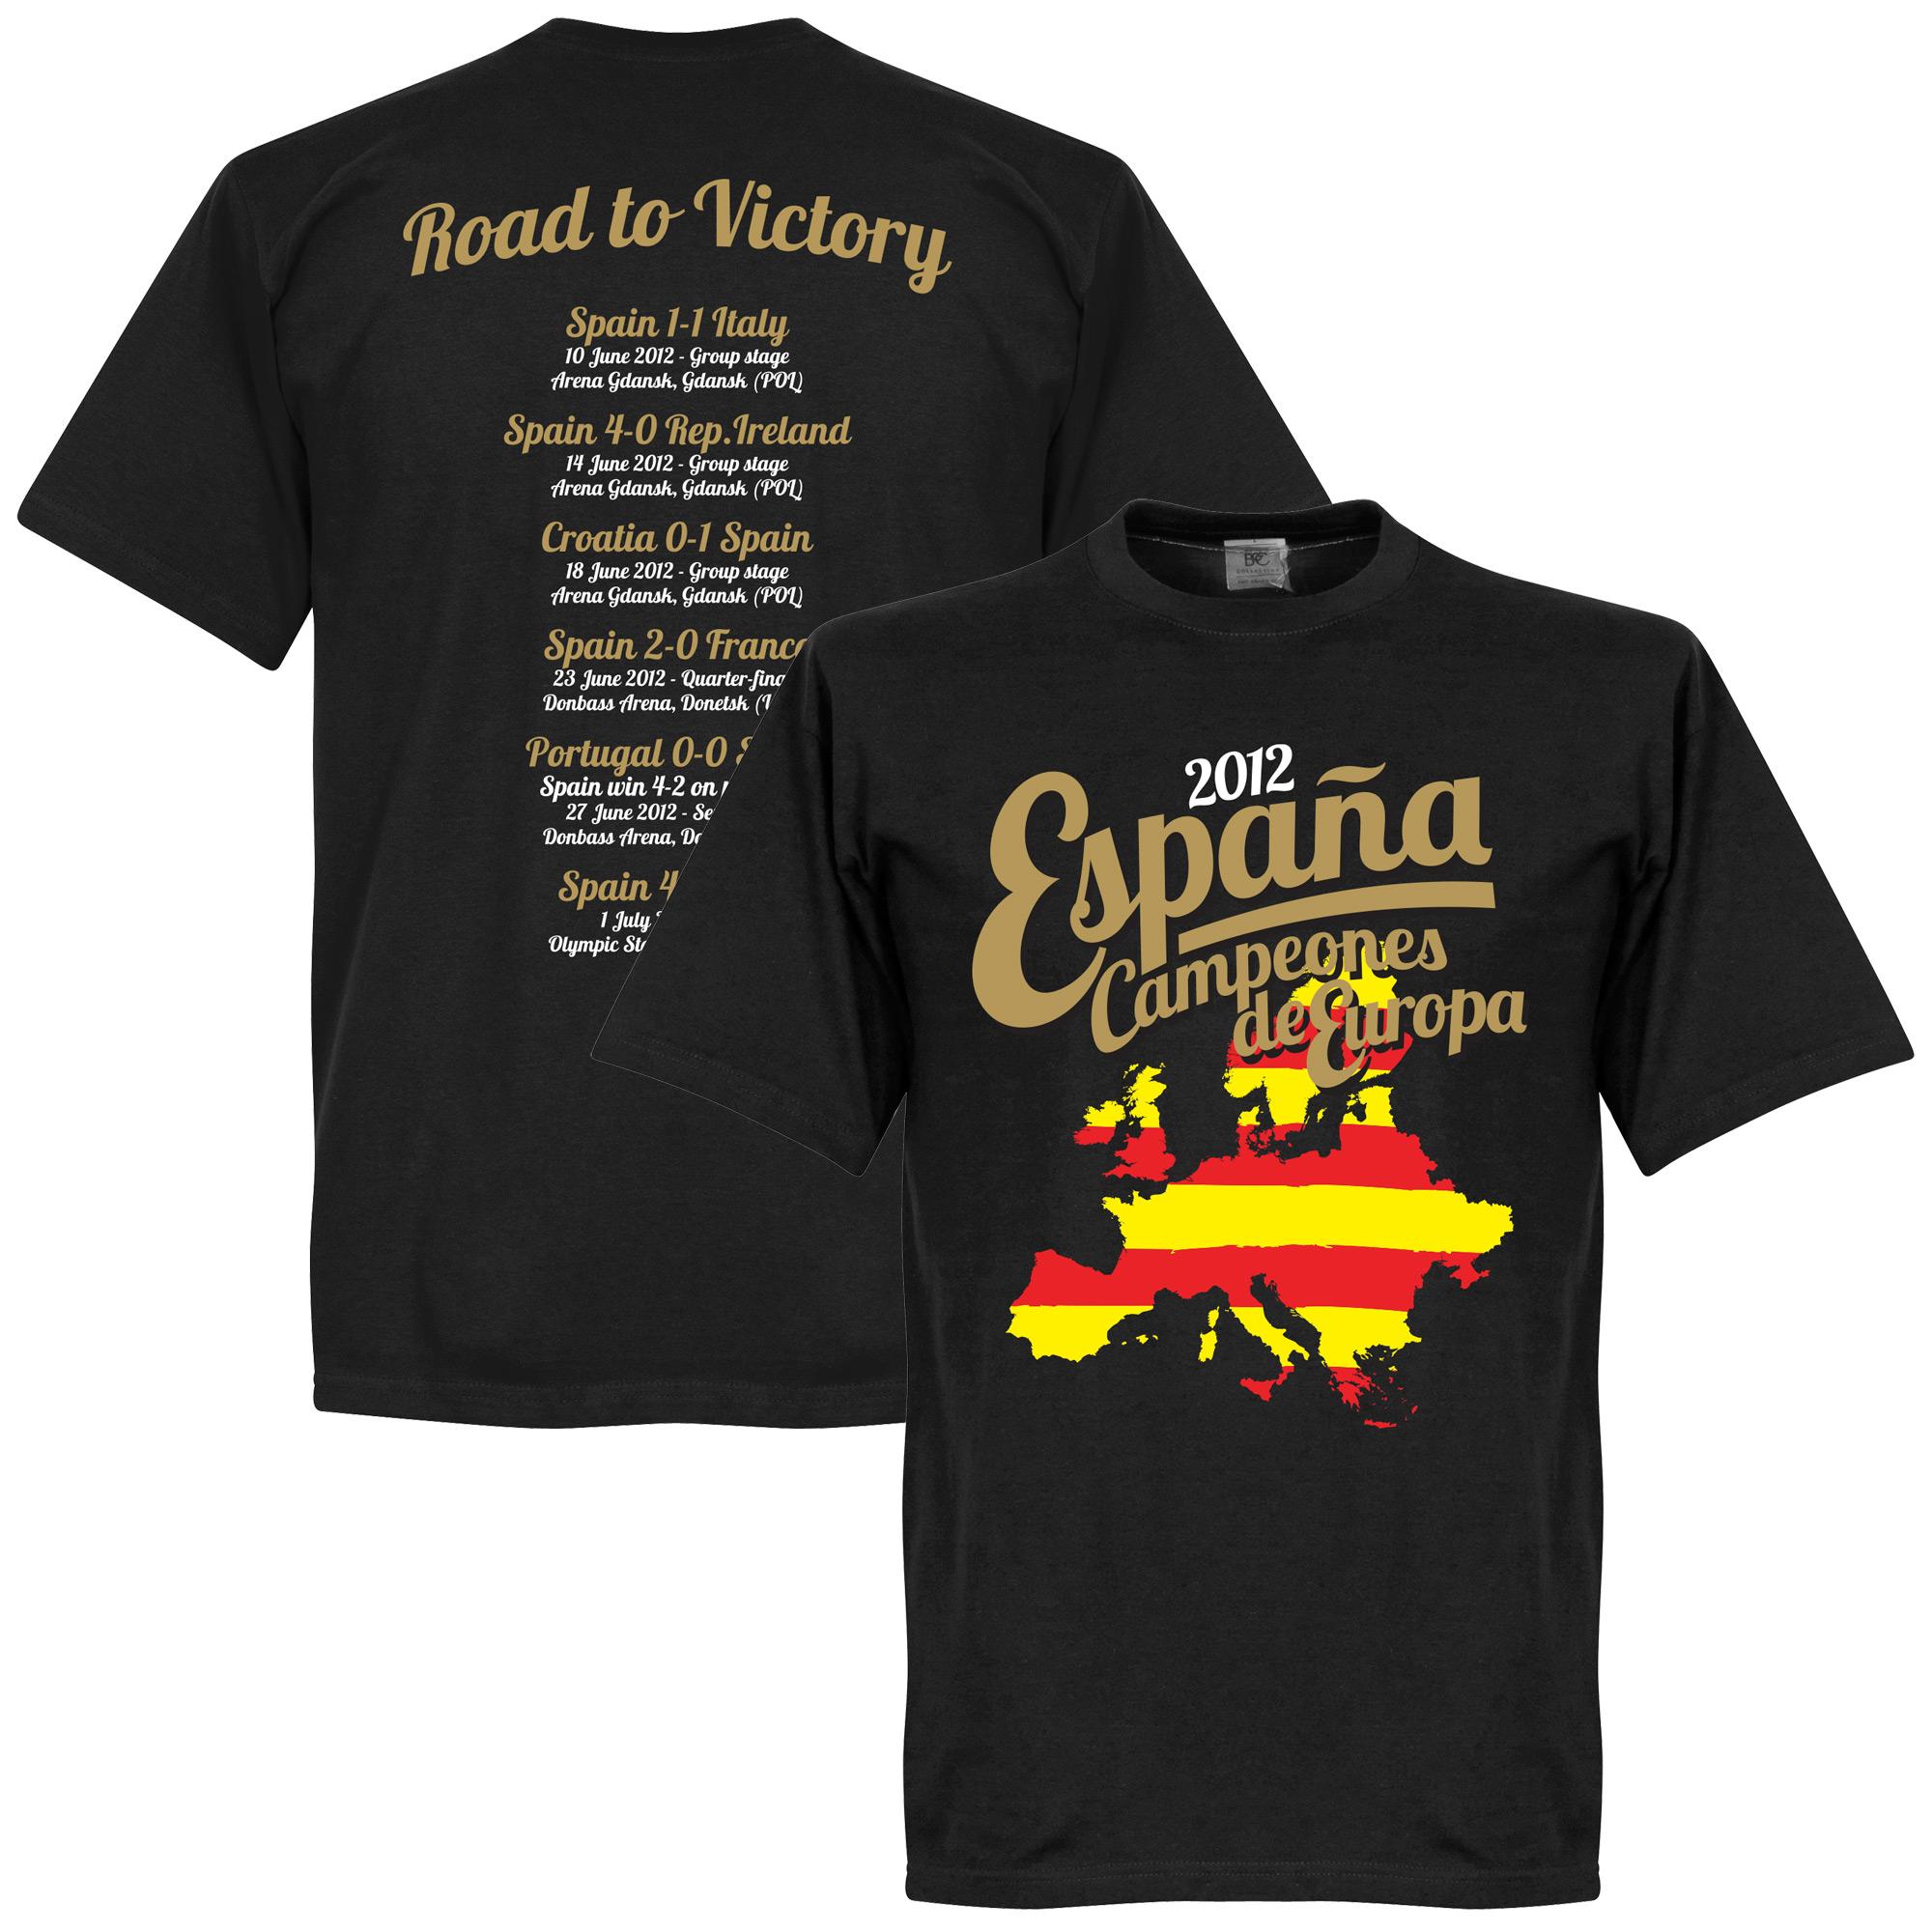 2012 Spain European Road To Victory Tee - Black - XS